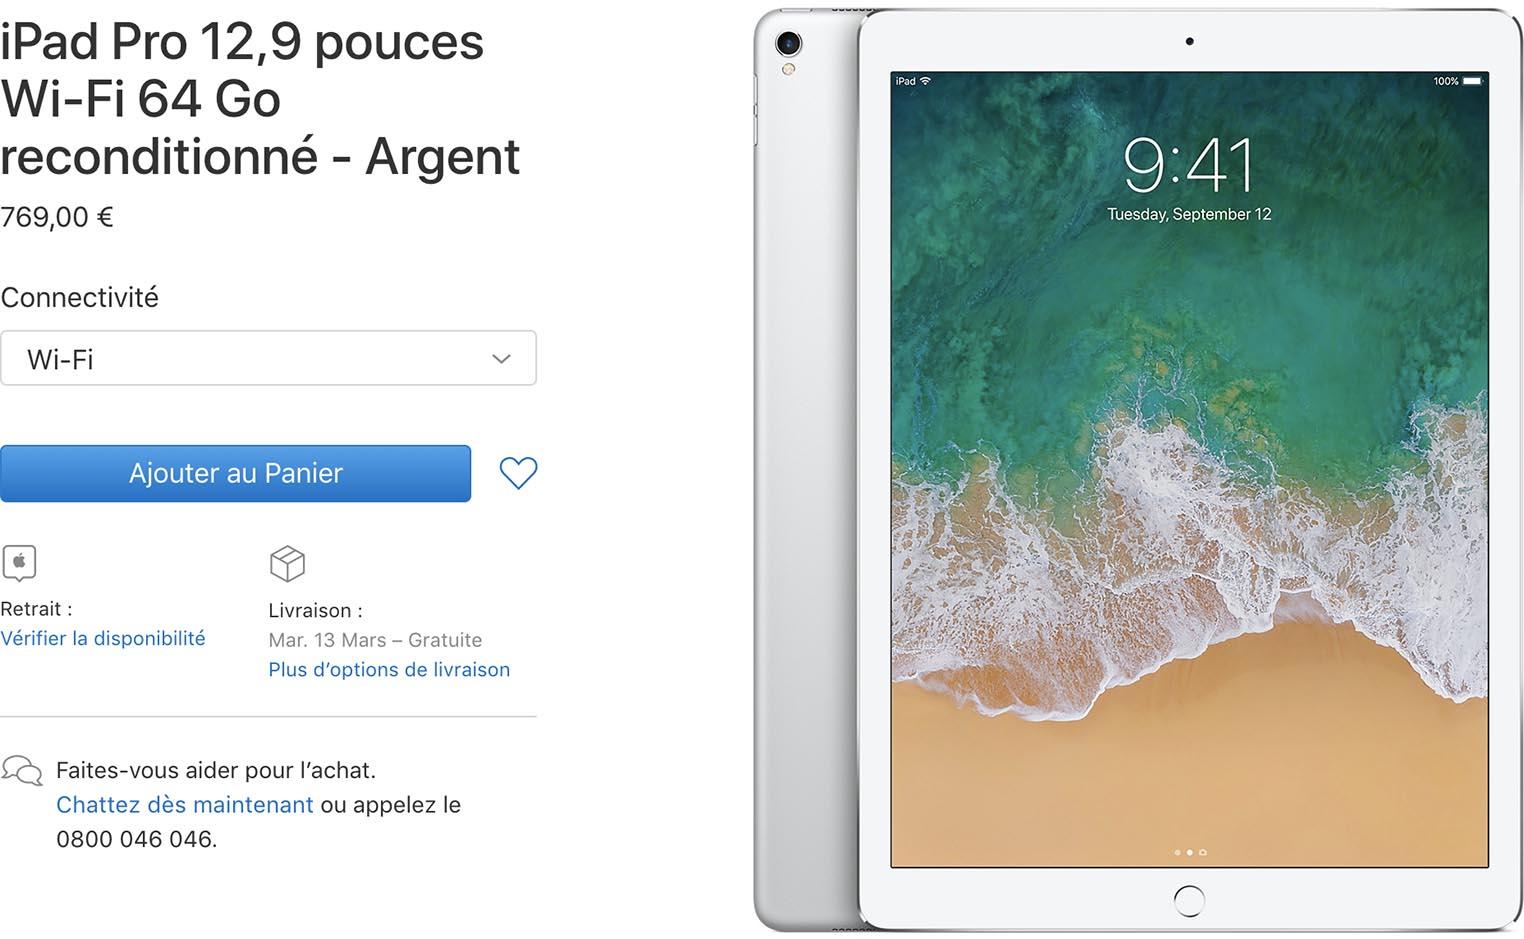 iPad Pro Refurb Store